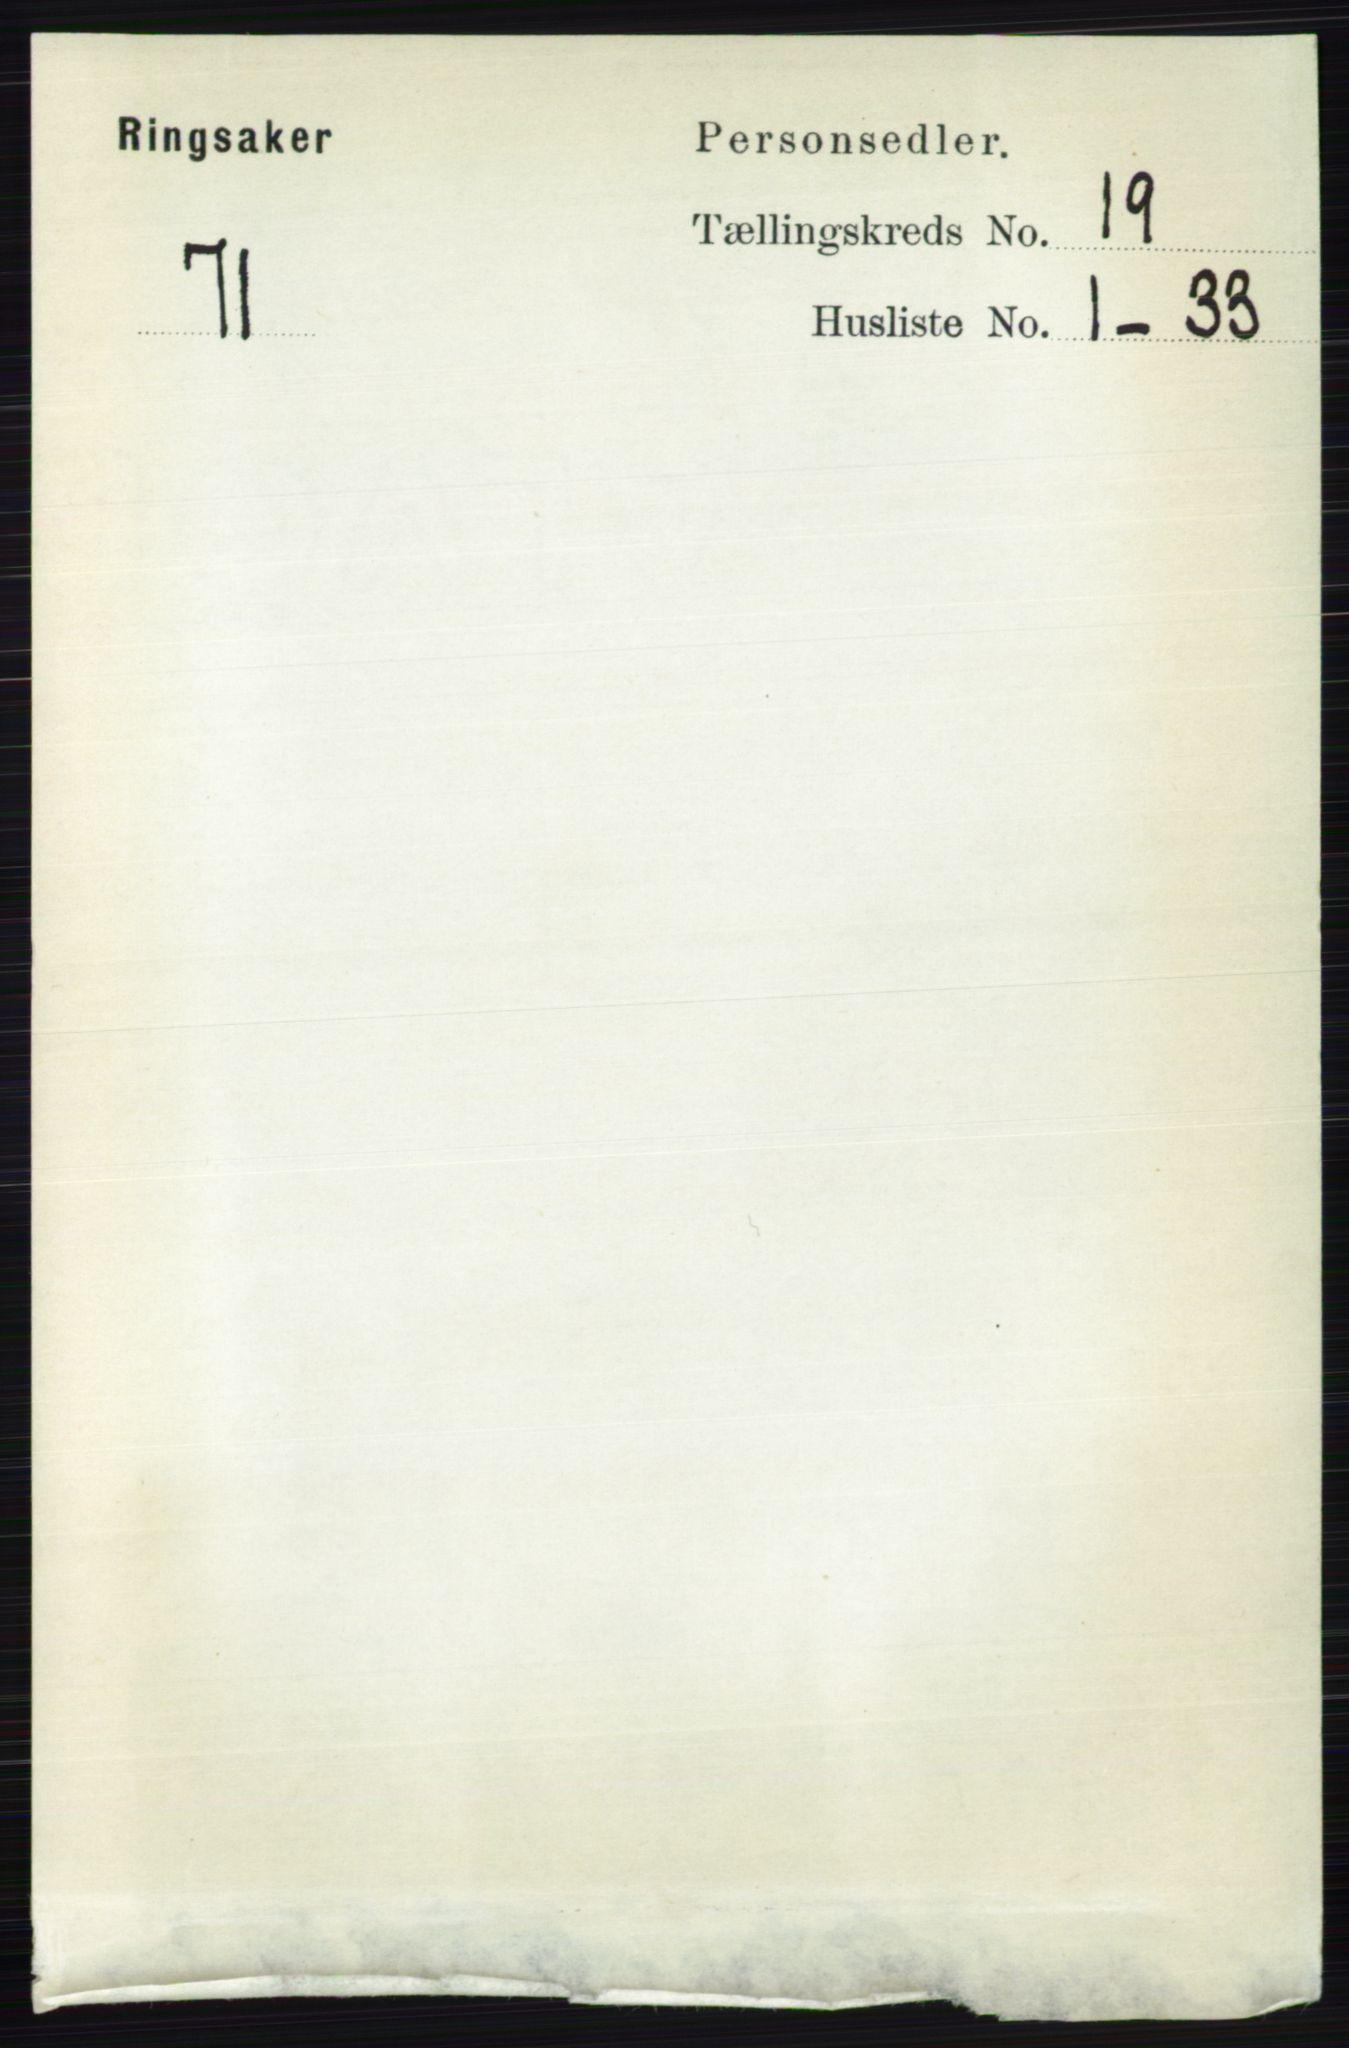 RA, Folketelling 1891 for 0412 Ringsaker herred, 1891, s. 10598